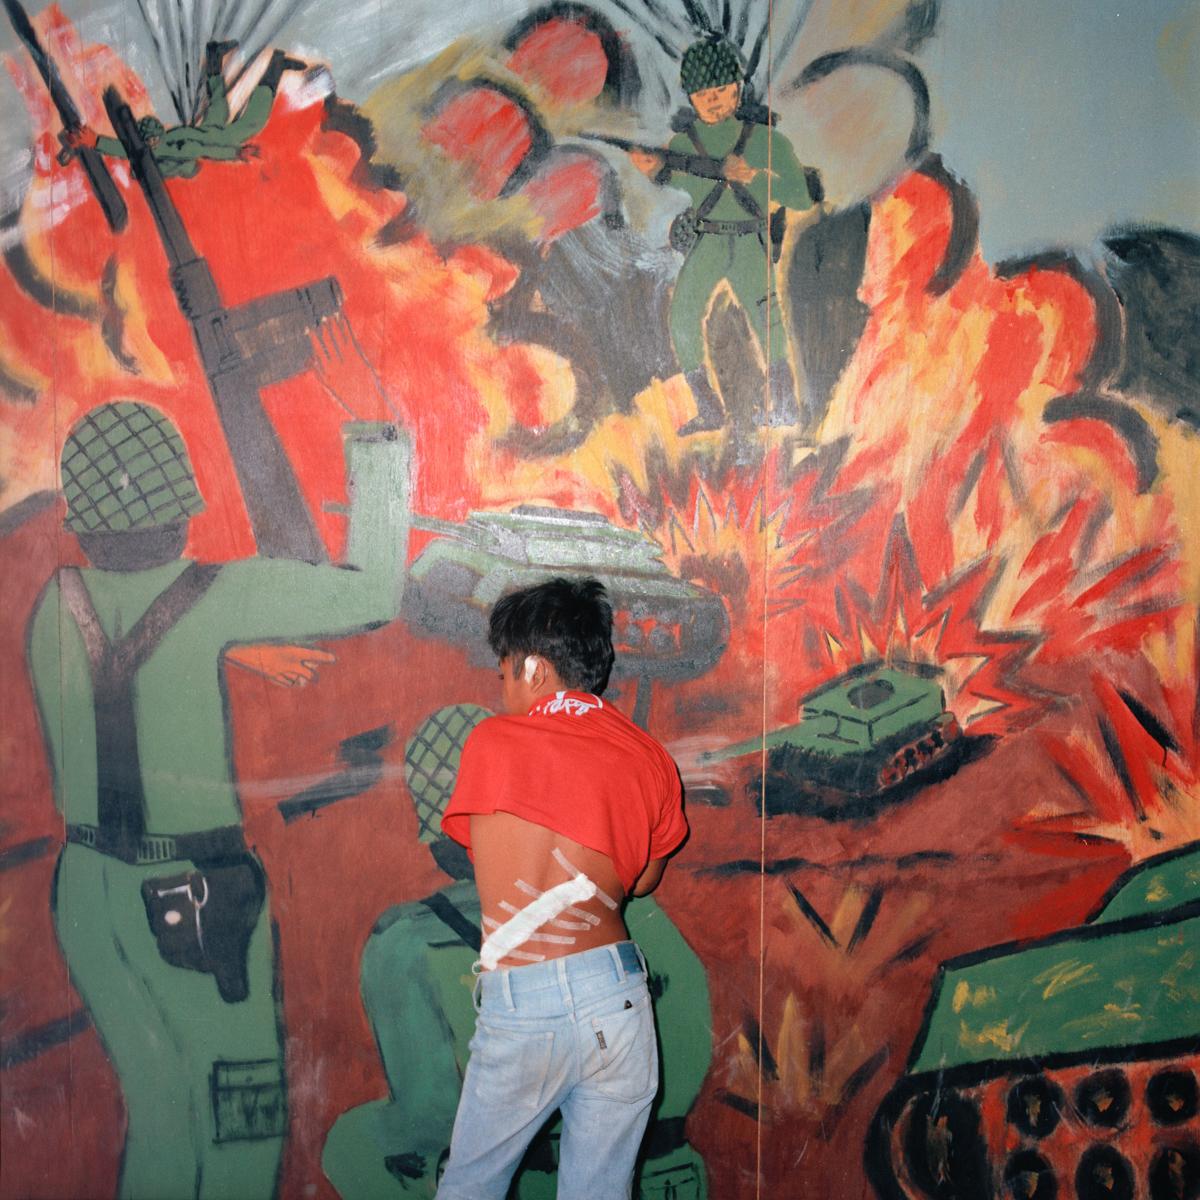 Injured Child, El Salvador 1986